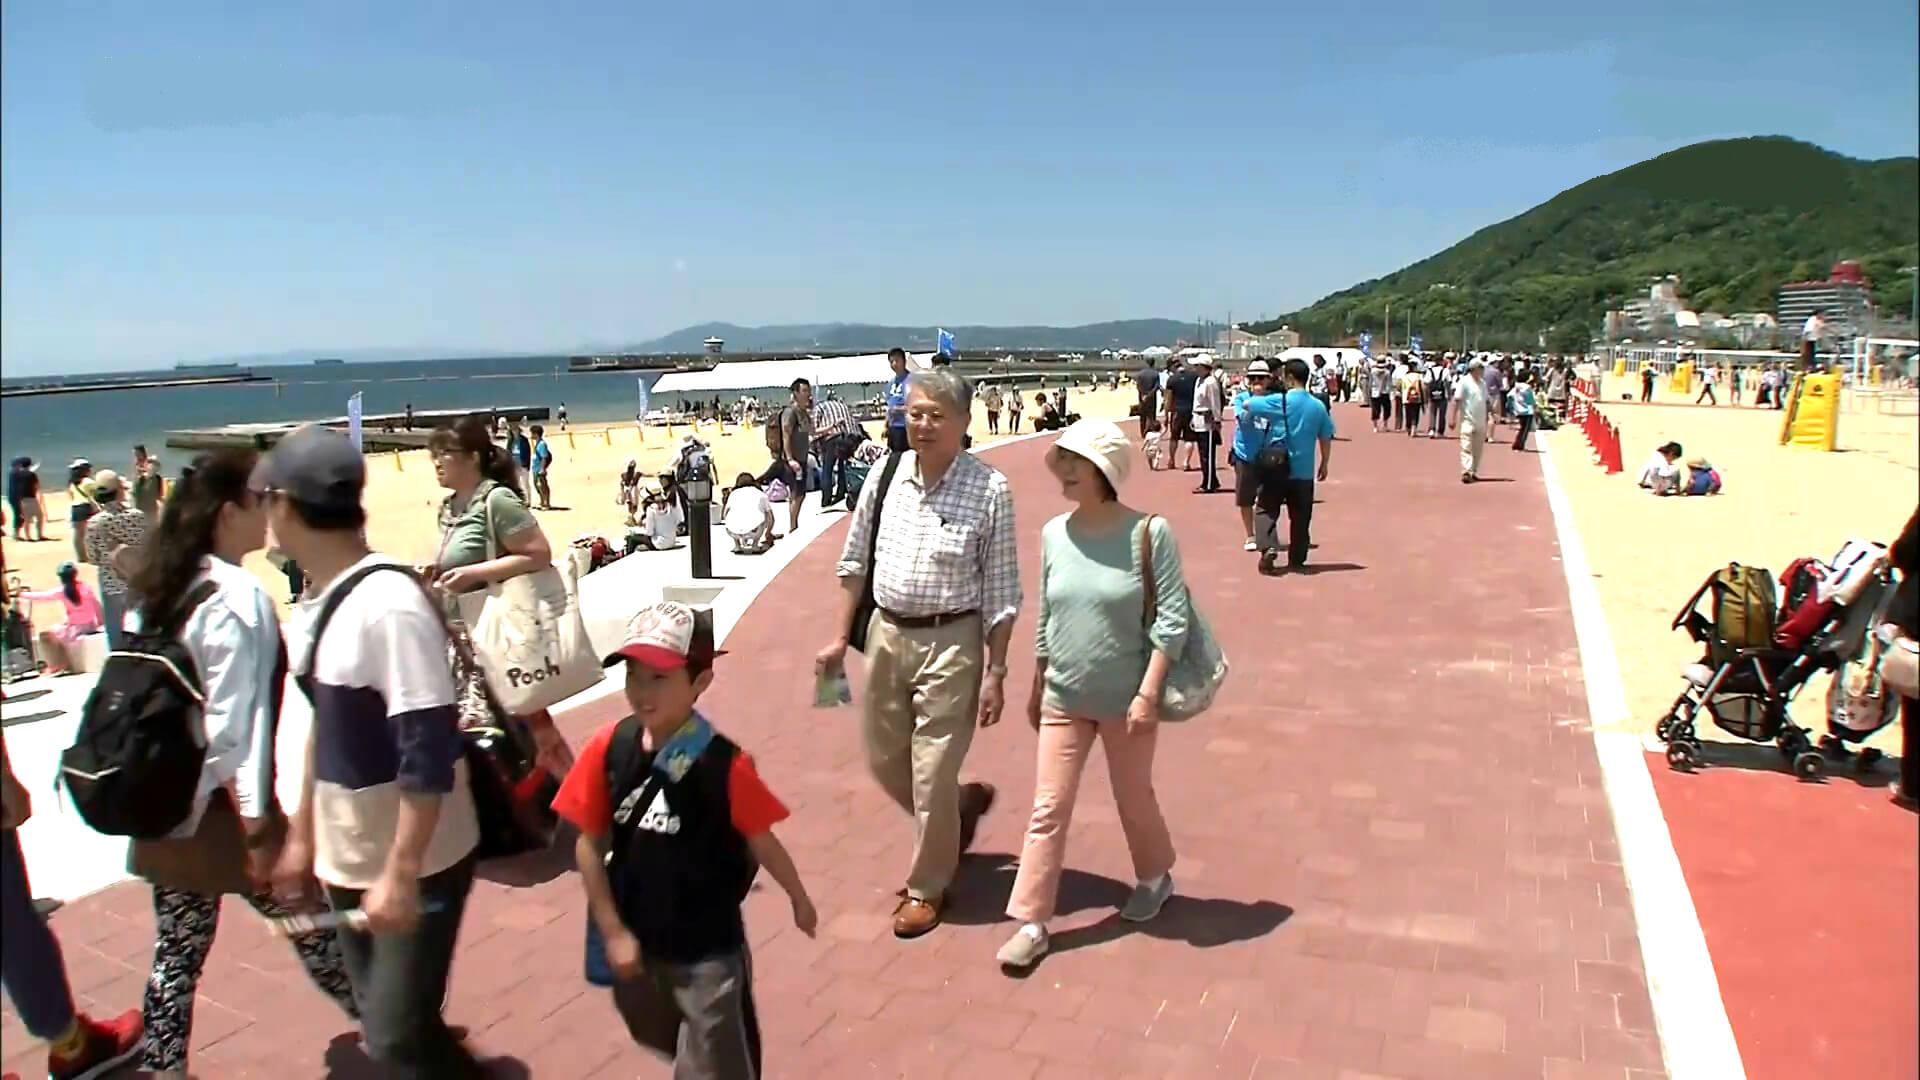 須磨海岸(須磨海水浴場)・須磨ビーチの遊歩道